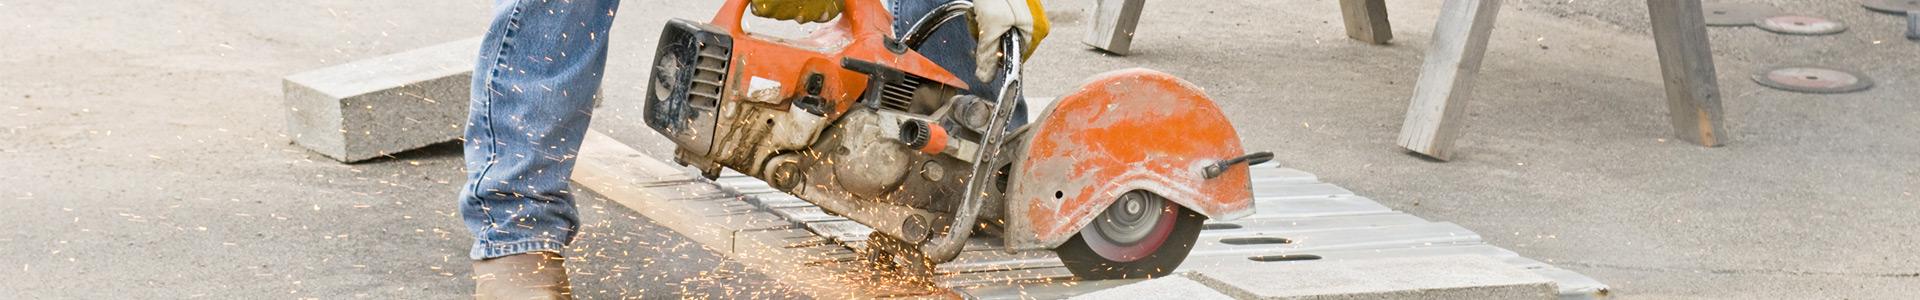 Vente scie à sol, découpeuse, carroteuse, marteau piqueur, burineur, démolisseur